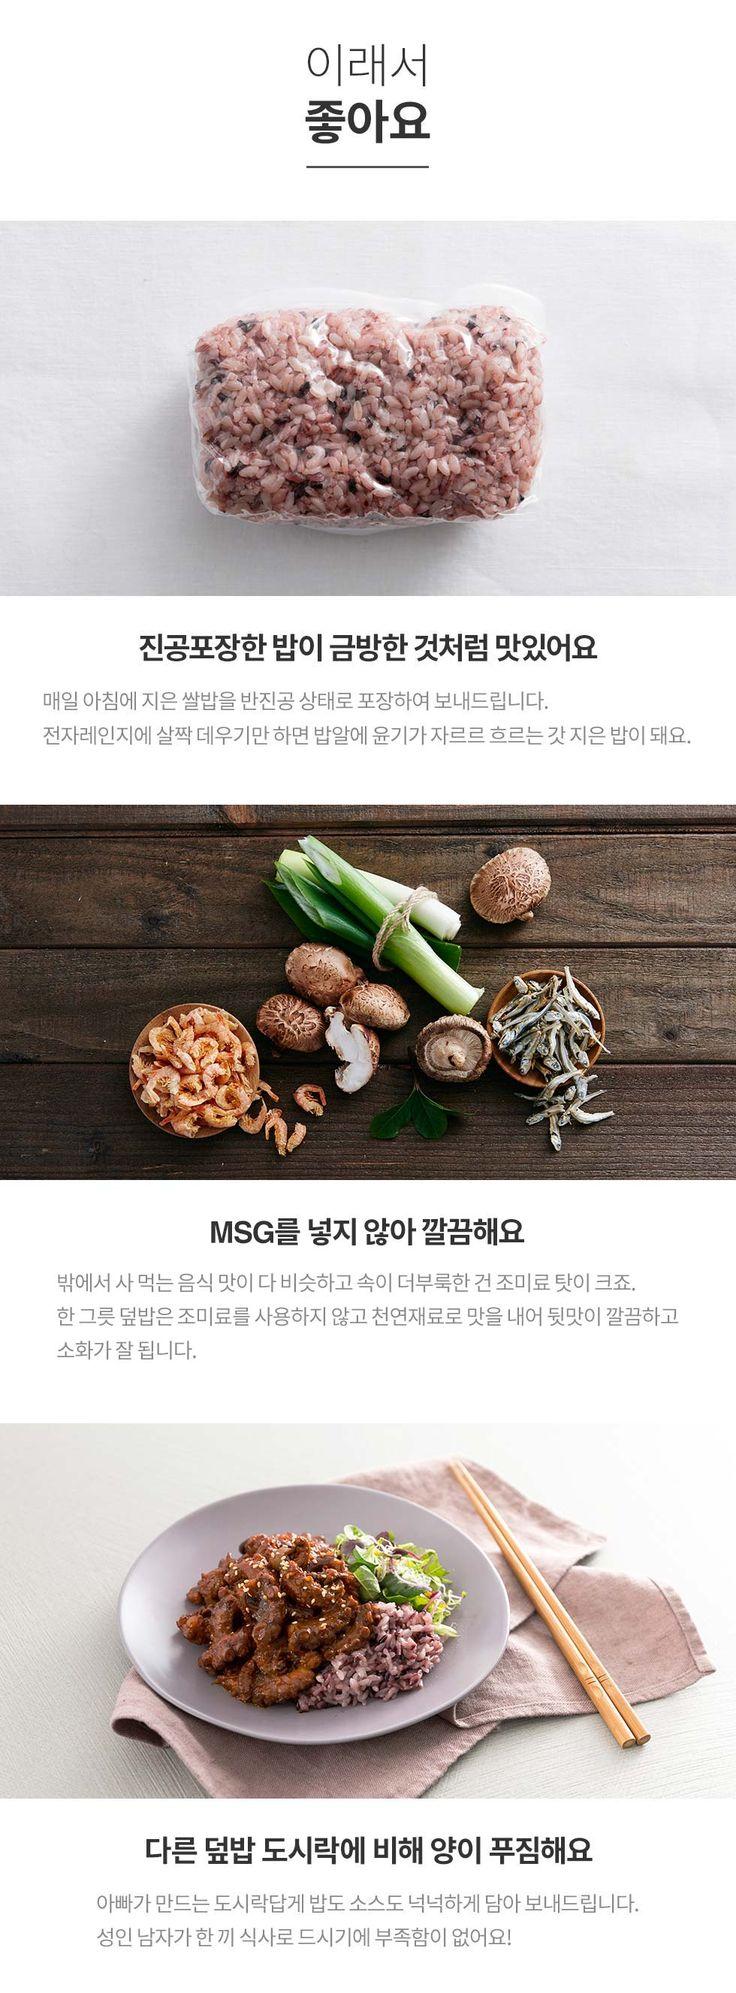 대한민국 1등 신선식품 정기배송! - 배민프레시